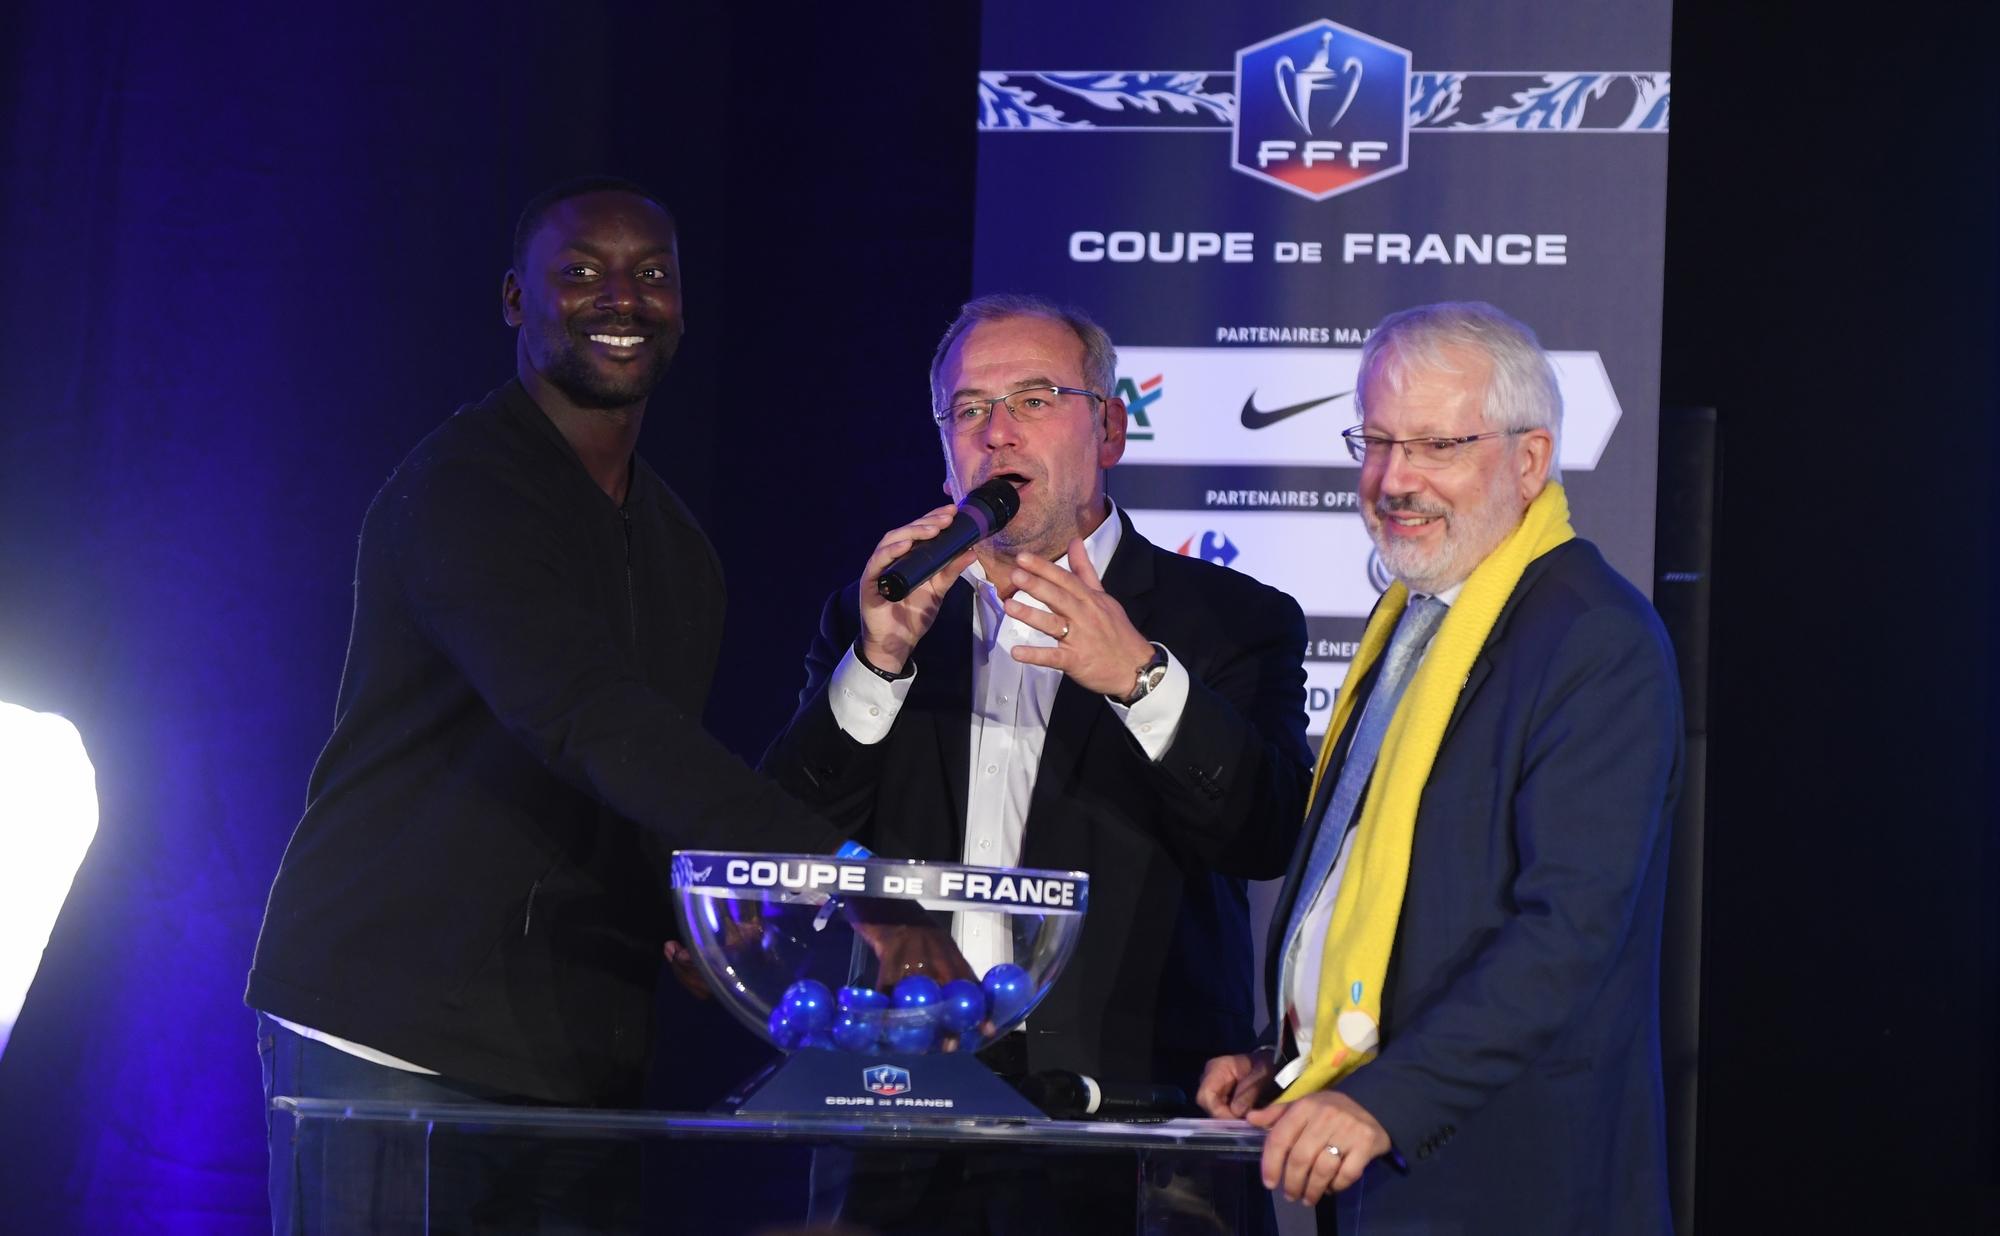 Coupe de france ligue bretagne de football - Tirage 8eme tour coupe de france 2014 ...